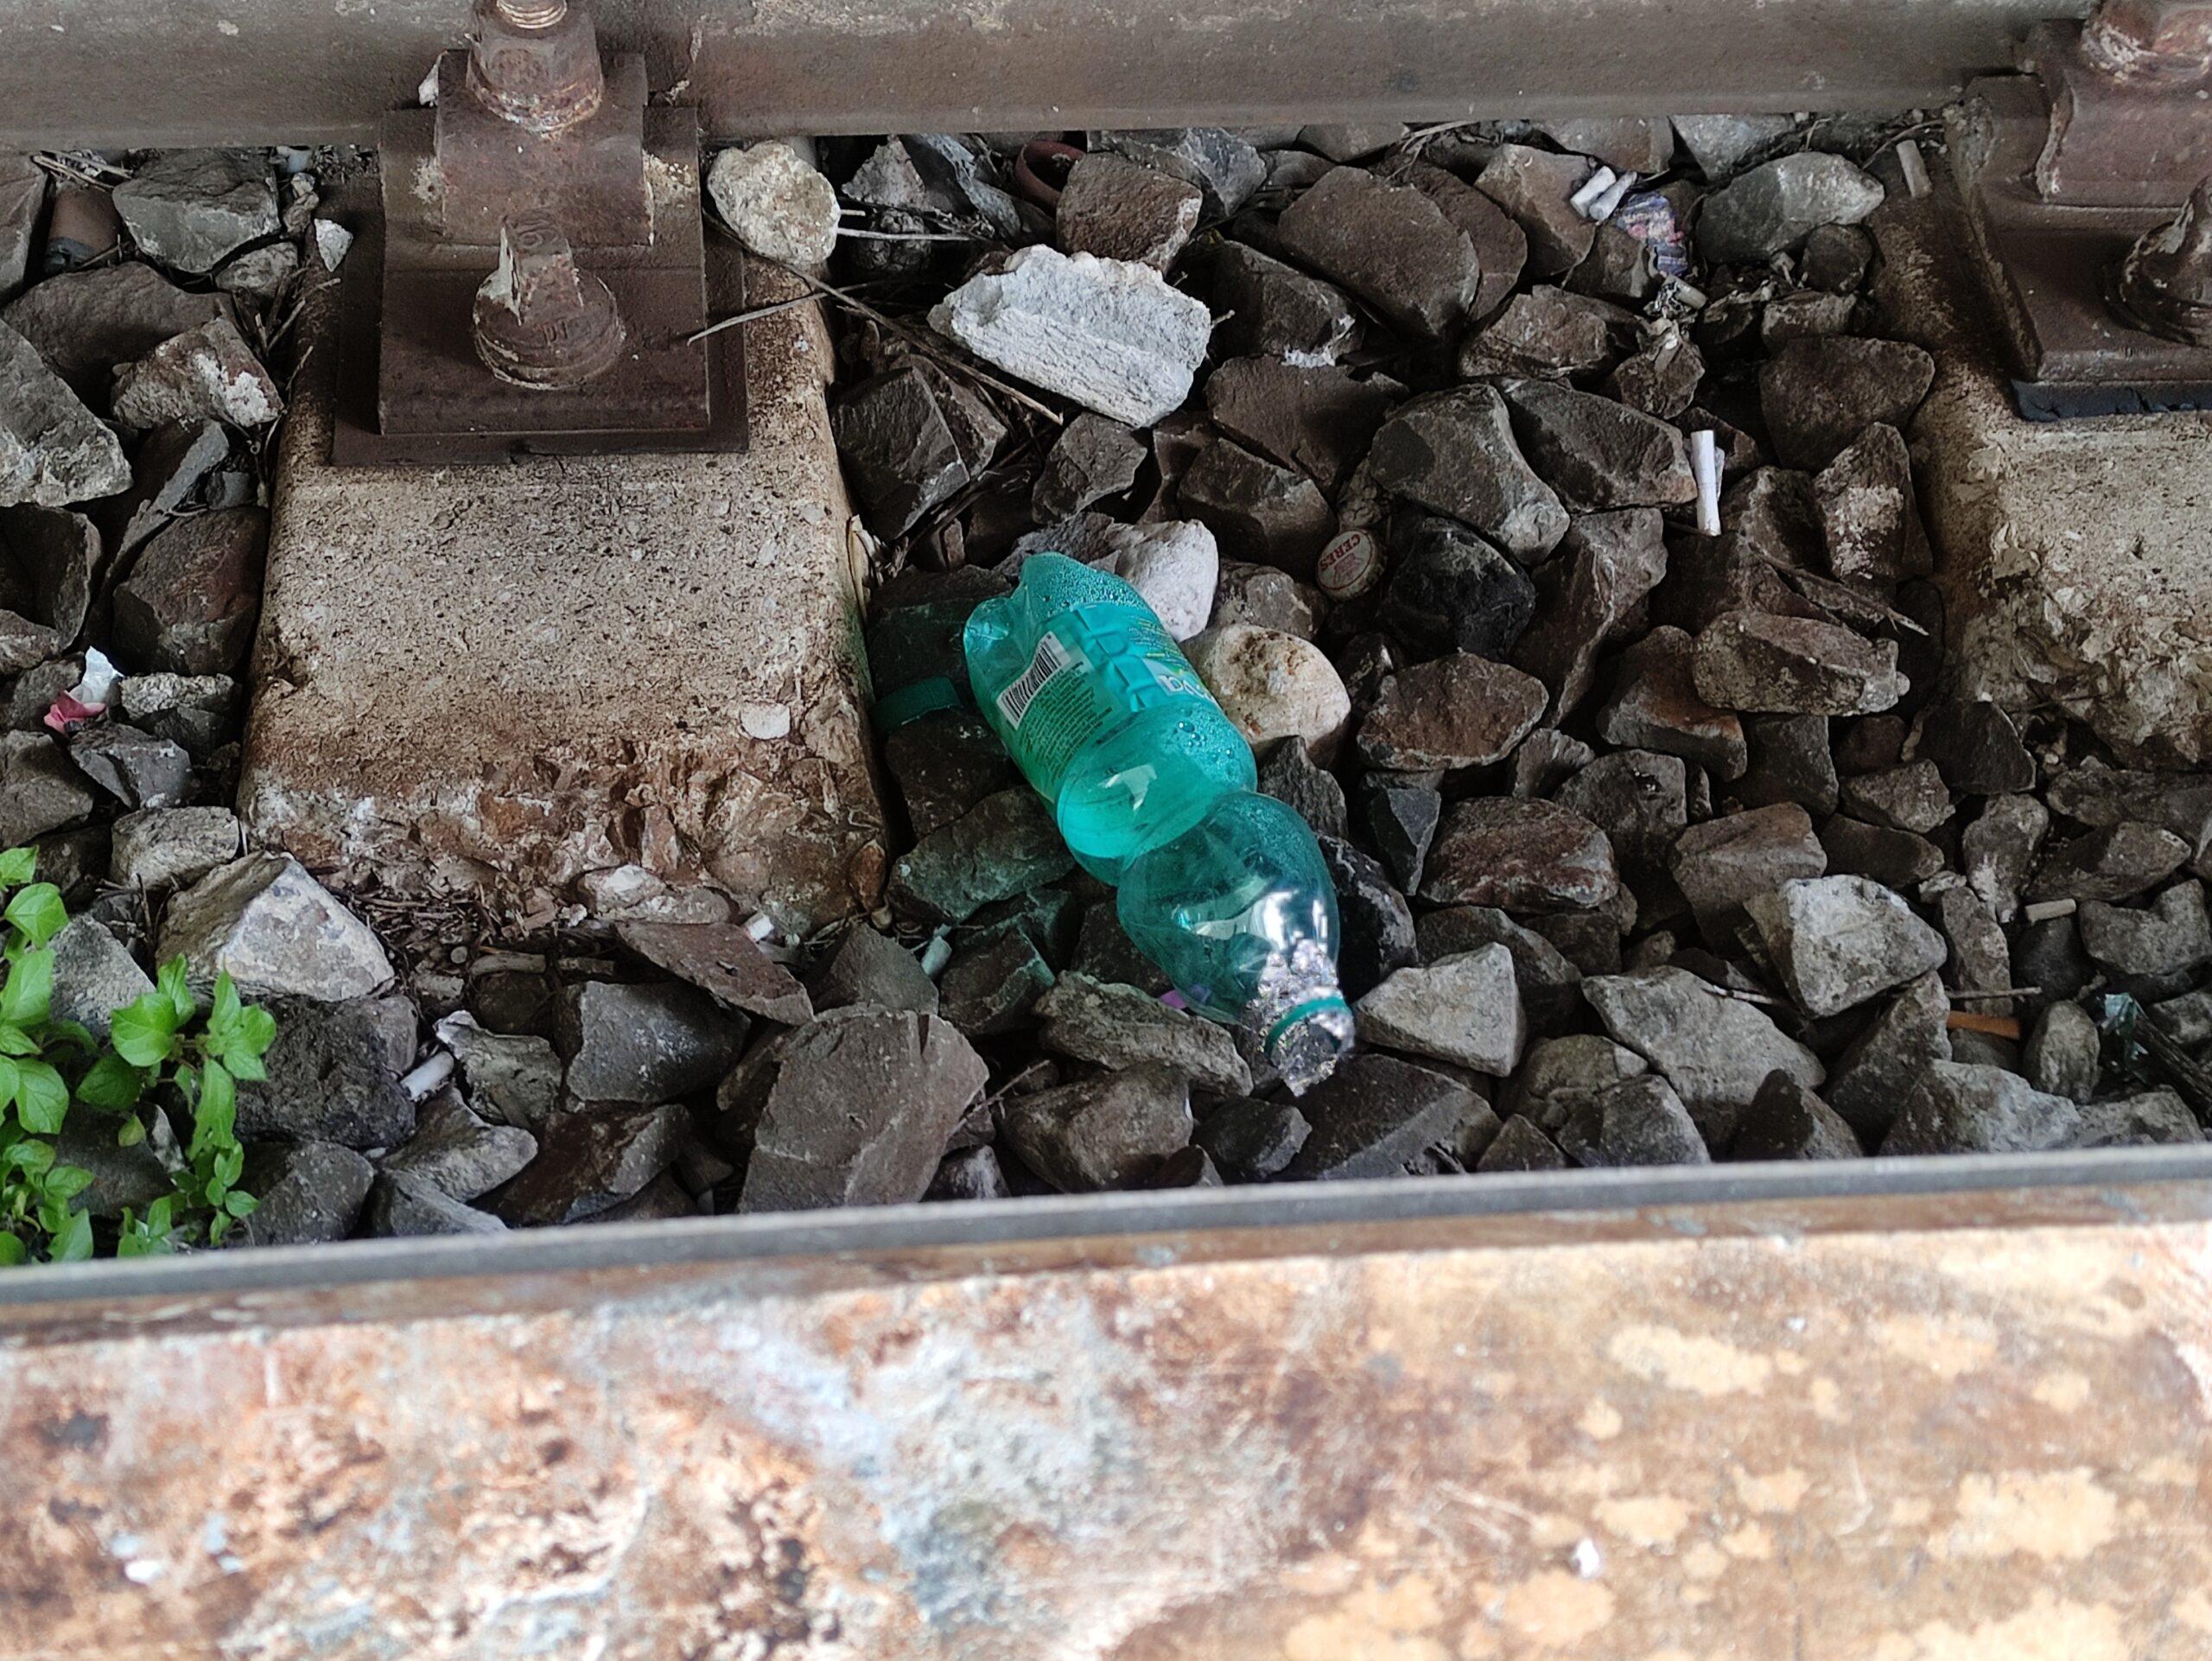 Bottiglie per fumare crack tra i binari della stazione di Avezzano